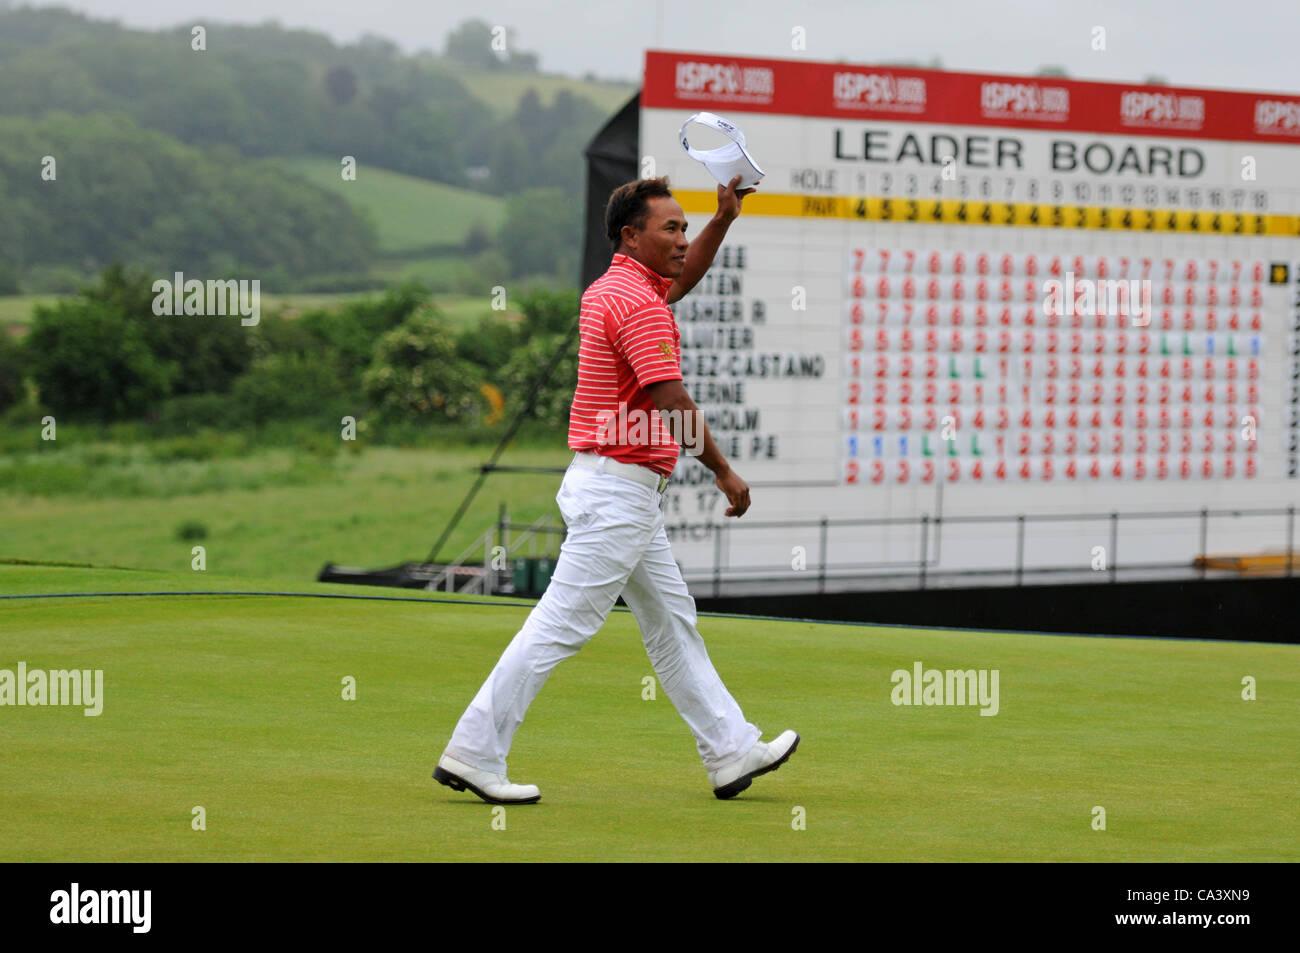 Image result for golf leader walking past leaderboard